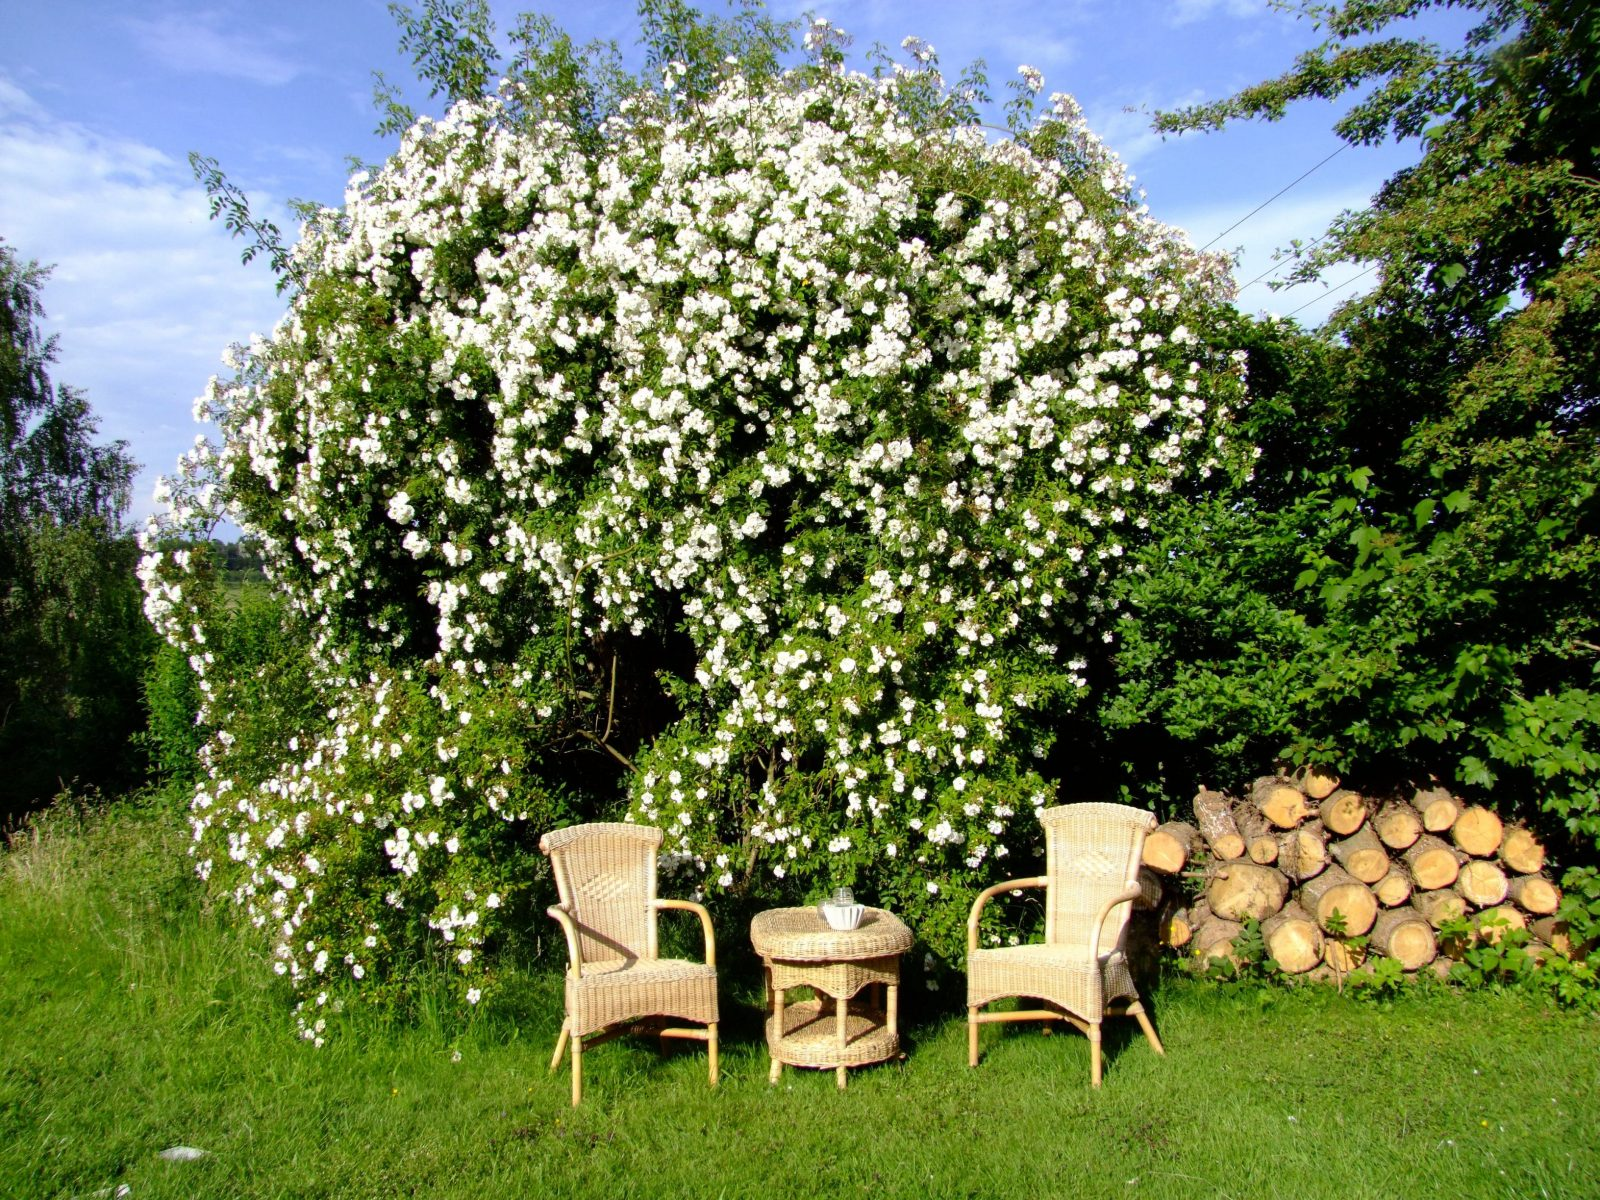 Garten Sitzecke Gestalten Ideen Für Kleine & Große Gärten von Kleine Sitzecke Im Garten Bild